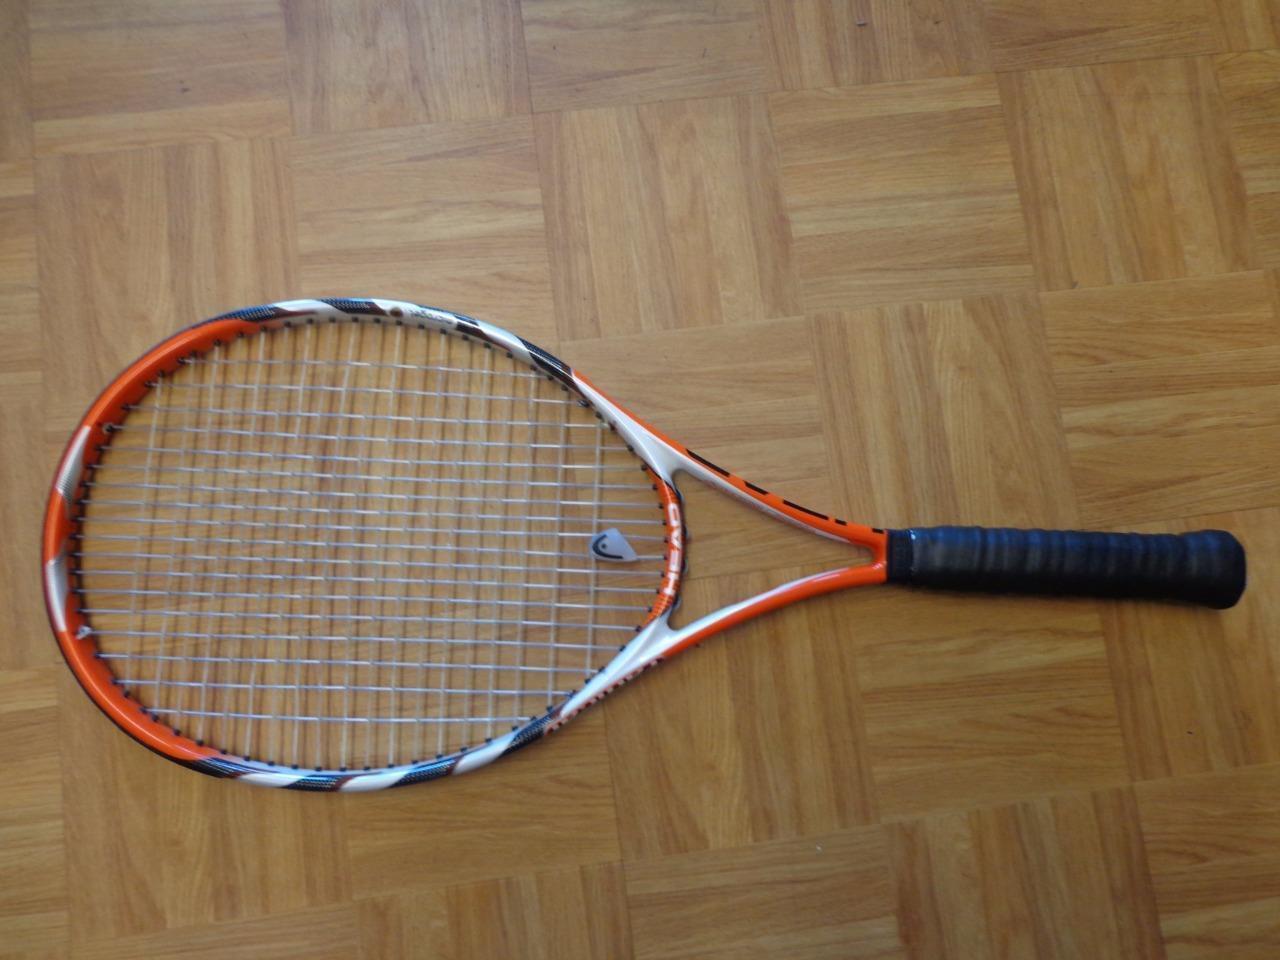 Head Microgel Radical Oversize 107 head head head 4 5/8 grip Tennis Racquet da63e5